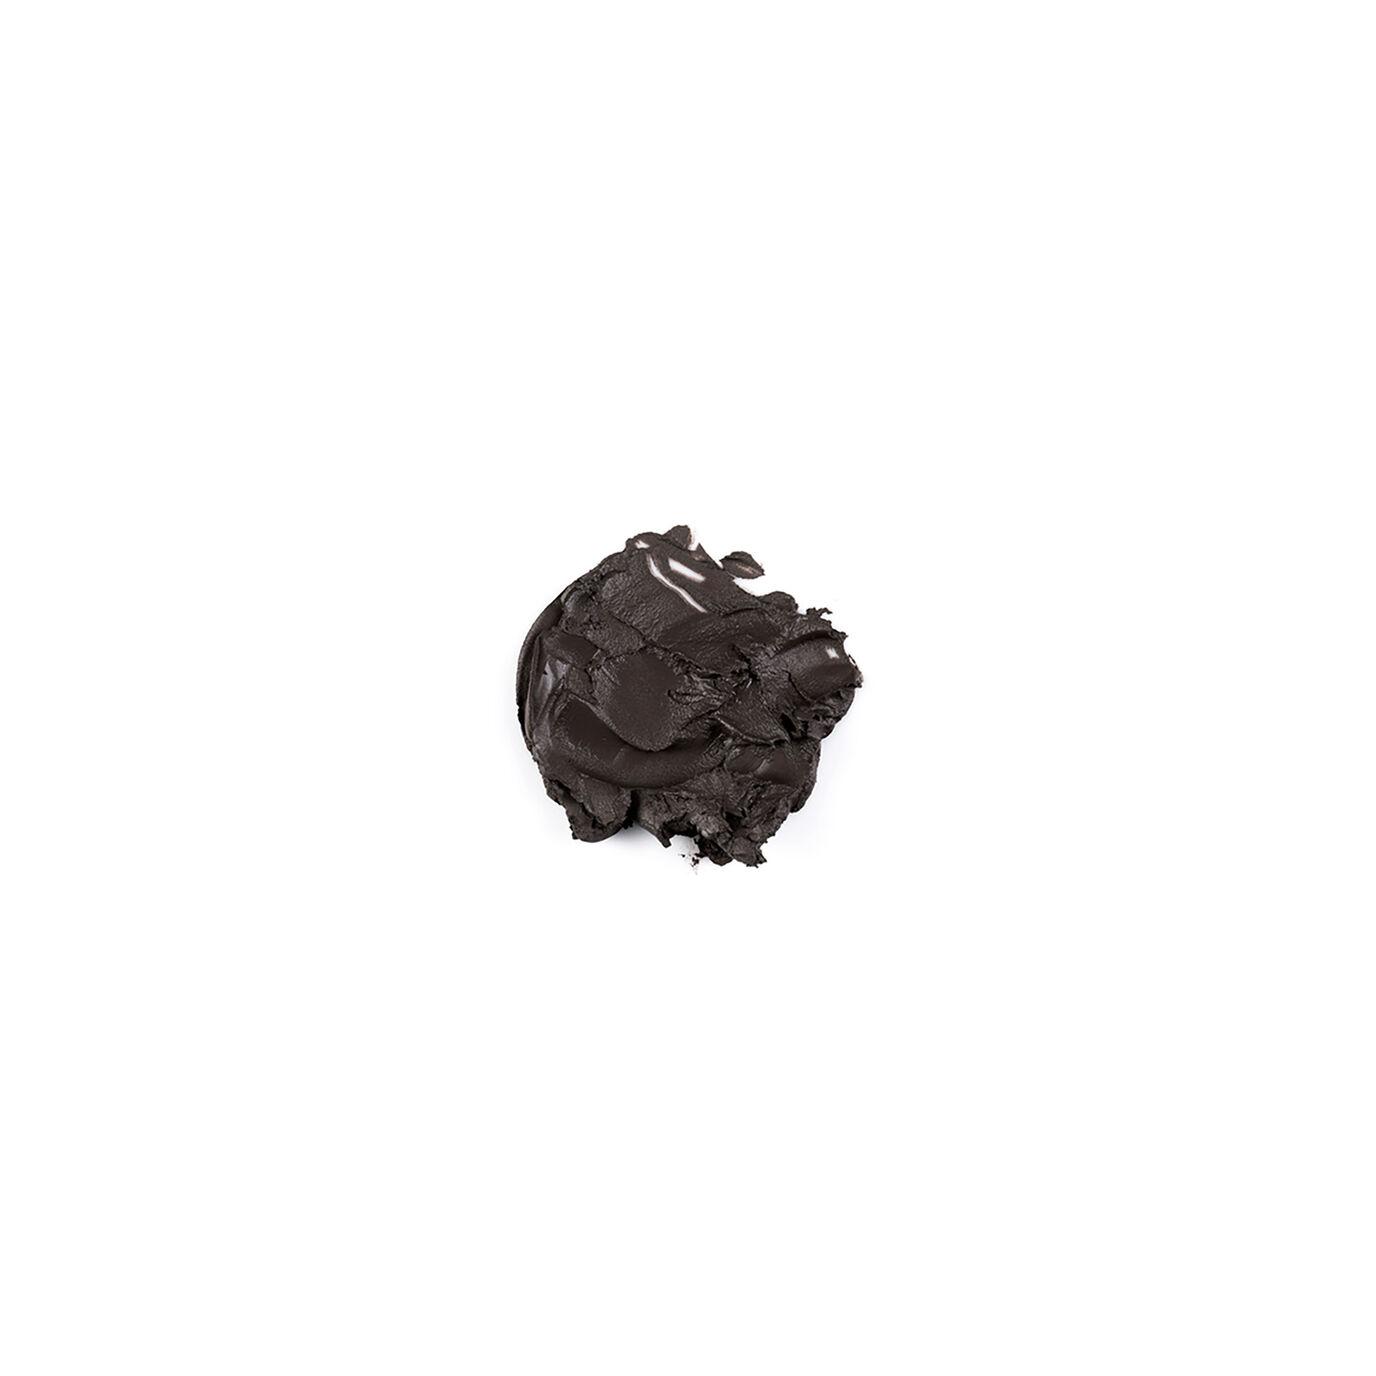 DIPBROW® Pomade - Granite